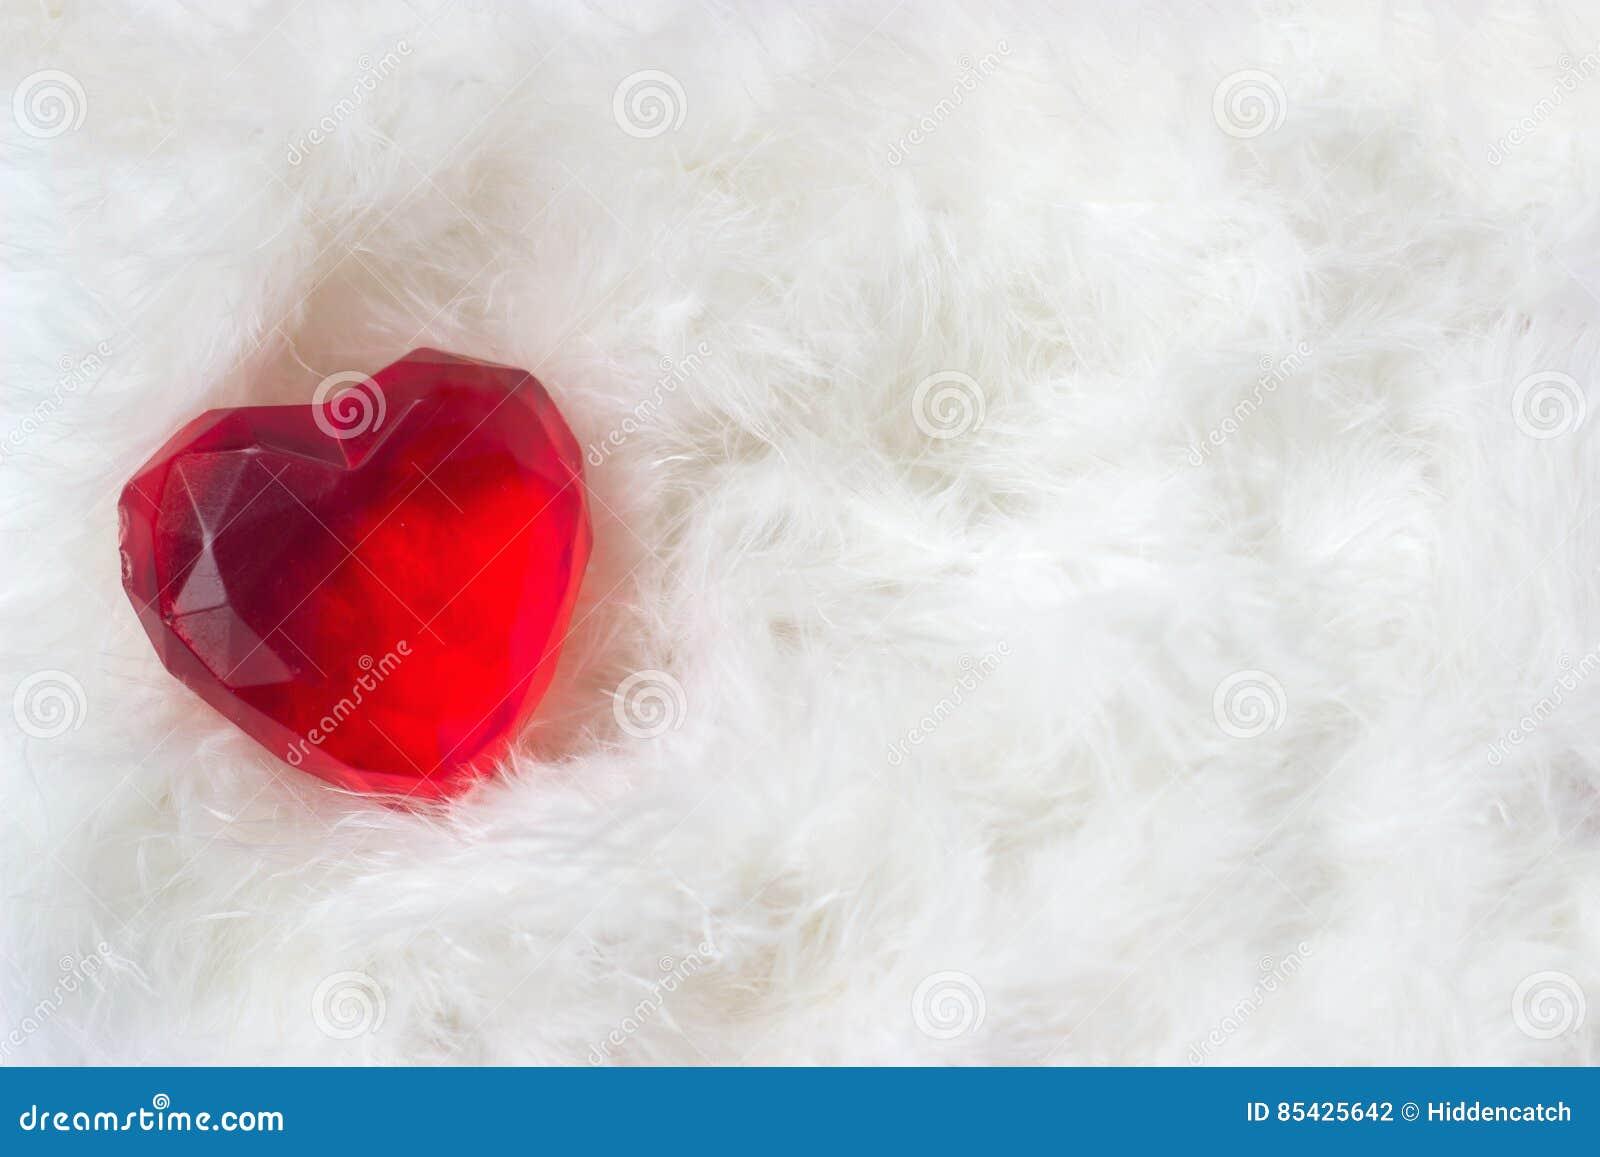 καρδιά το χαρτοφυλάκιό μου στην υποδοχή βαλεντίνων